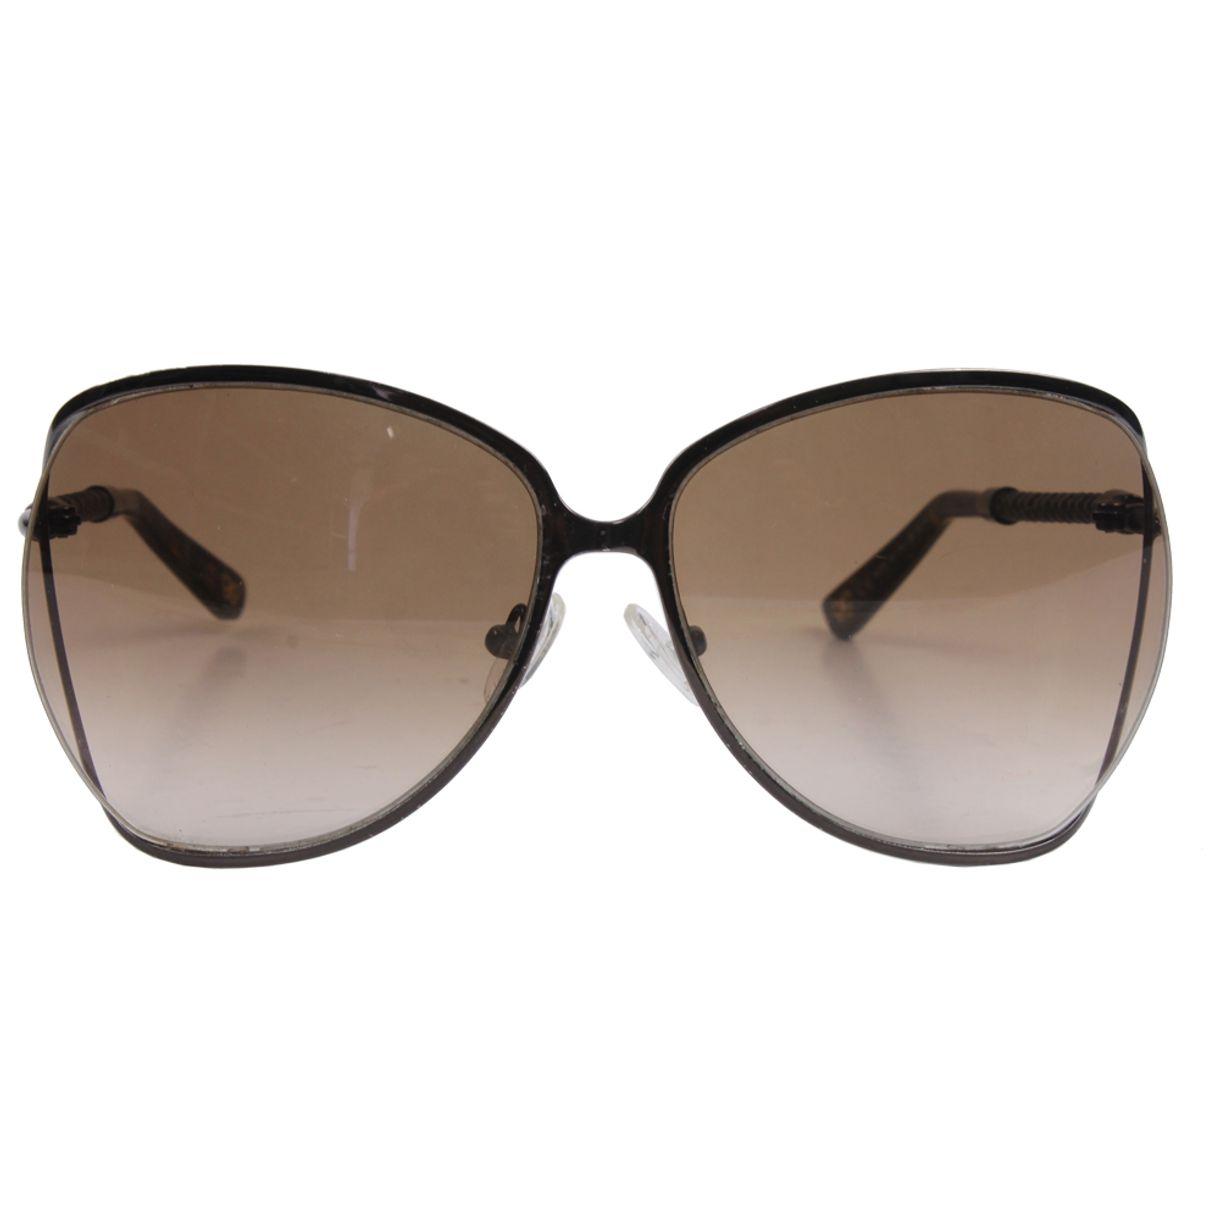 60393-oculos-bottega-venetta-marrom-1